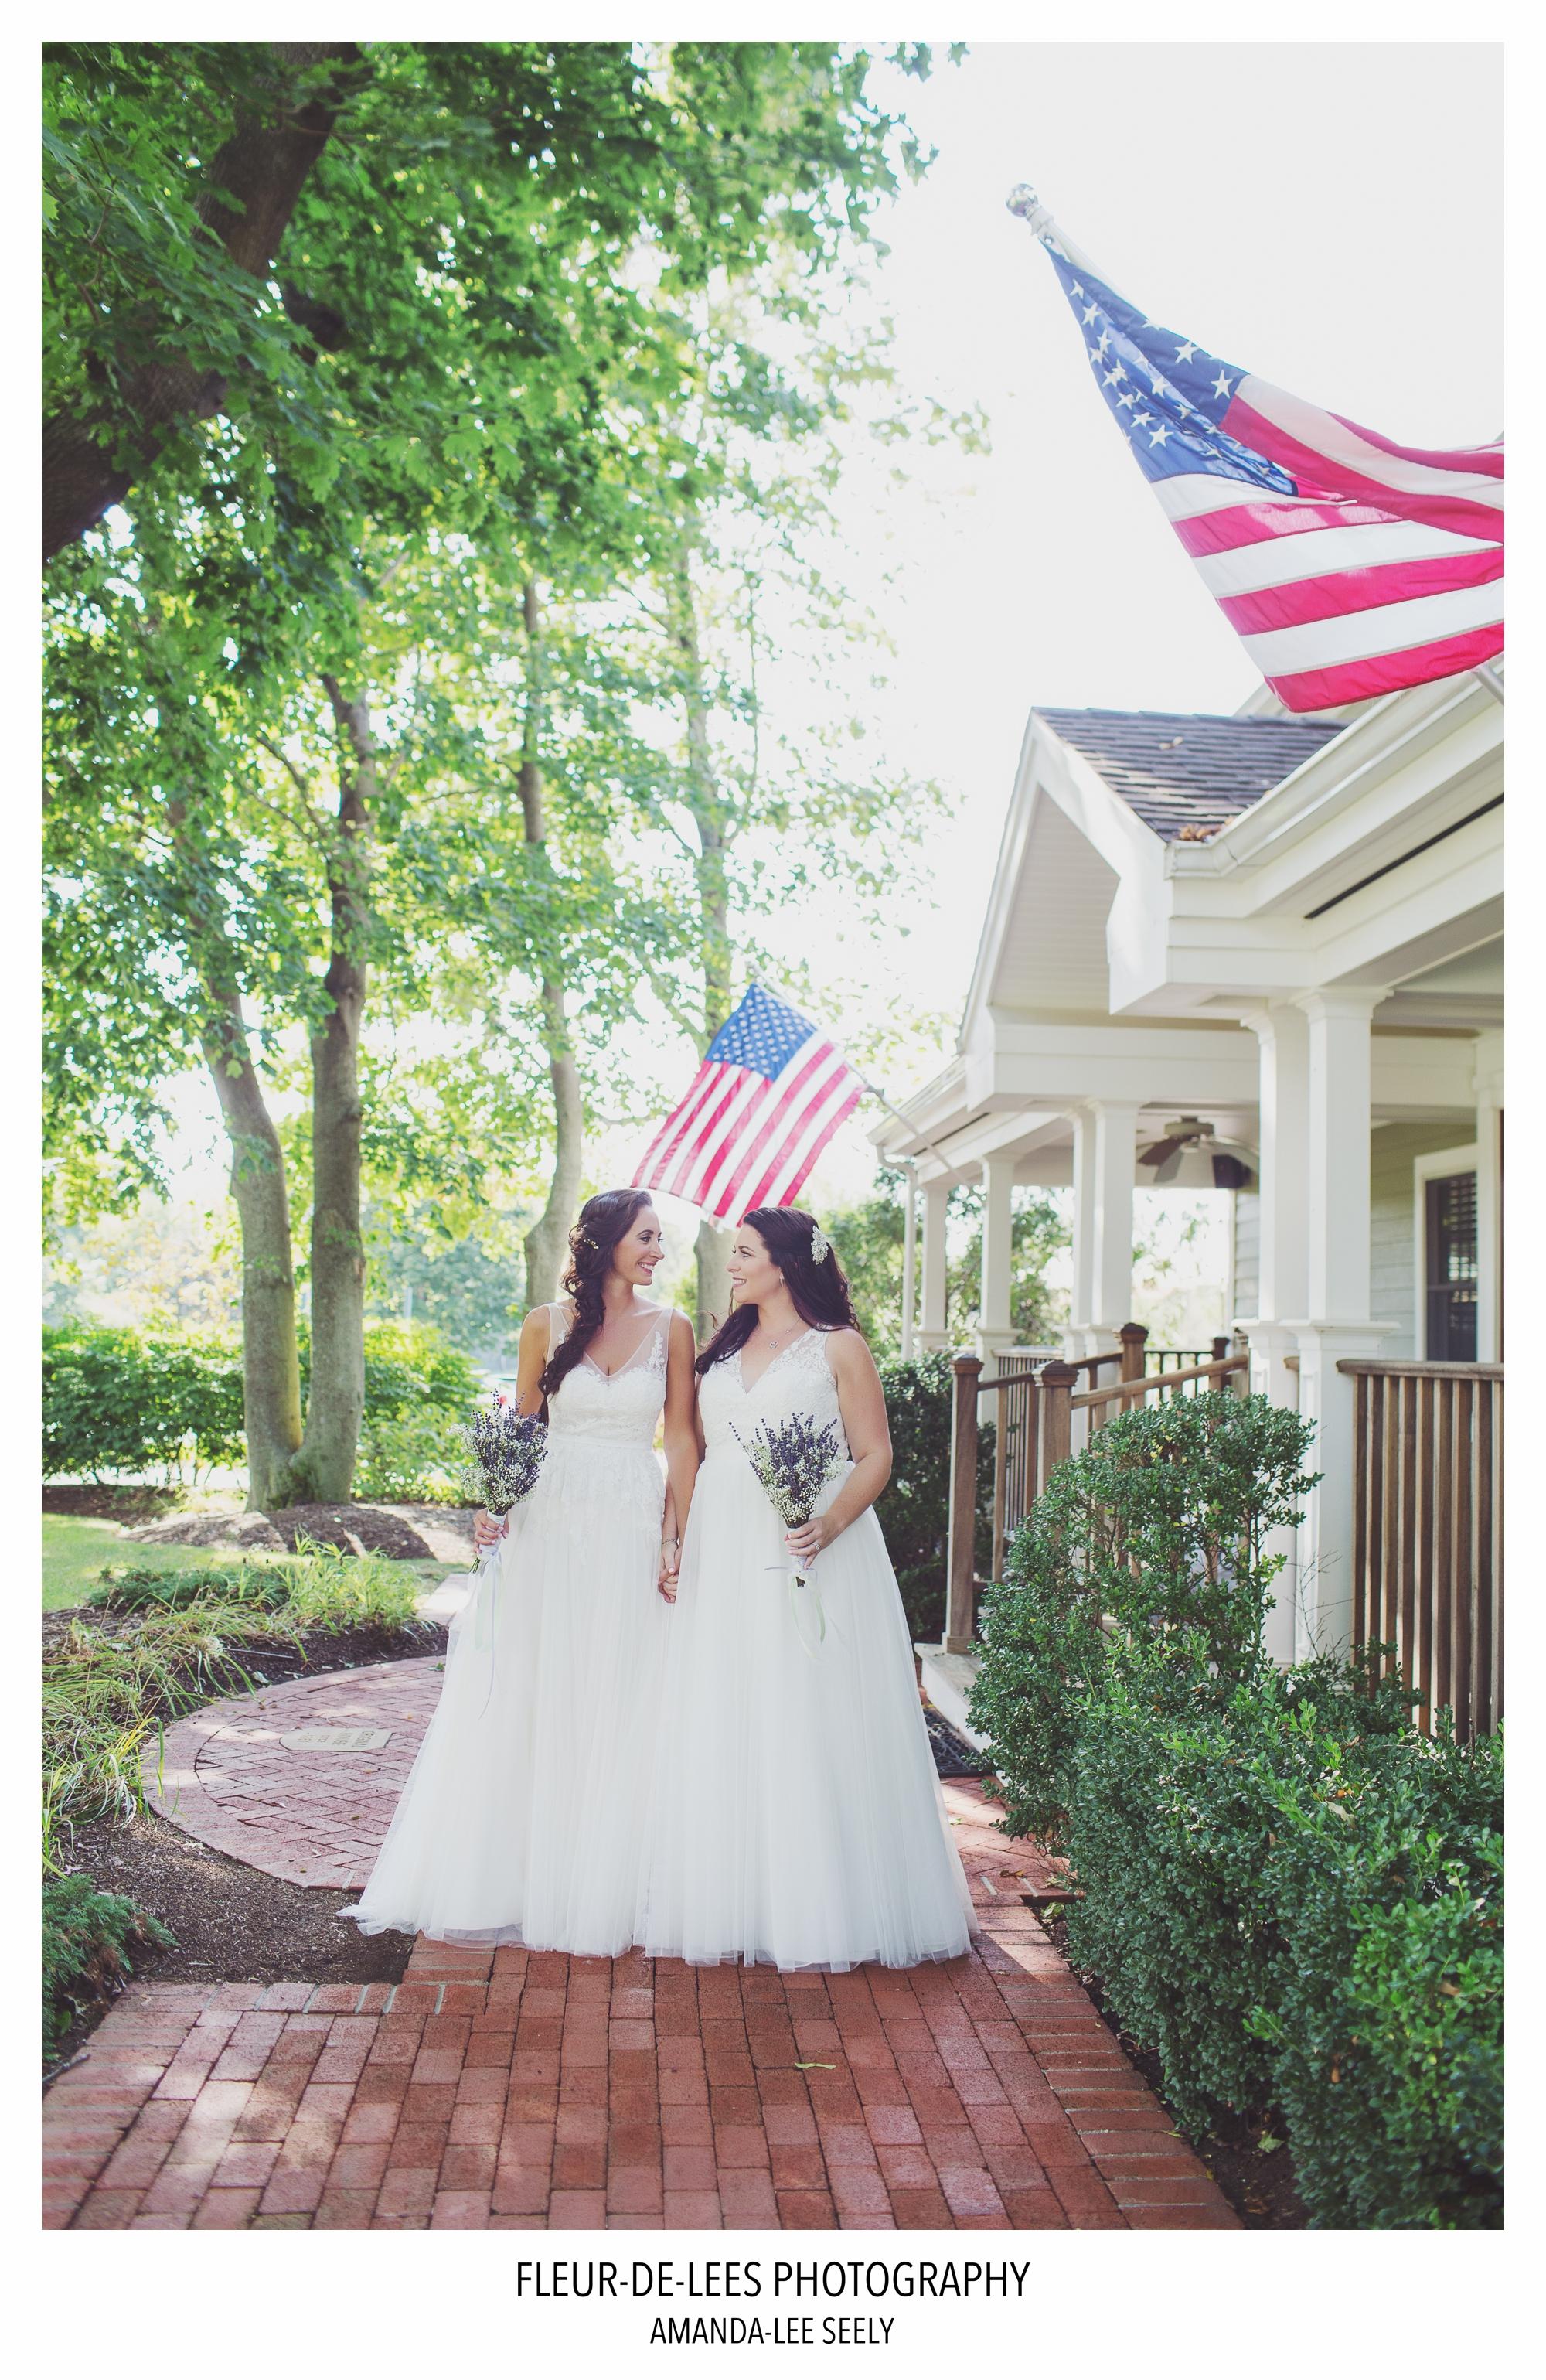 BLOG RACHEL AND AMANDA WEDDING 45